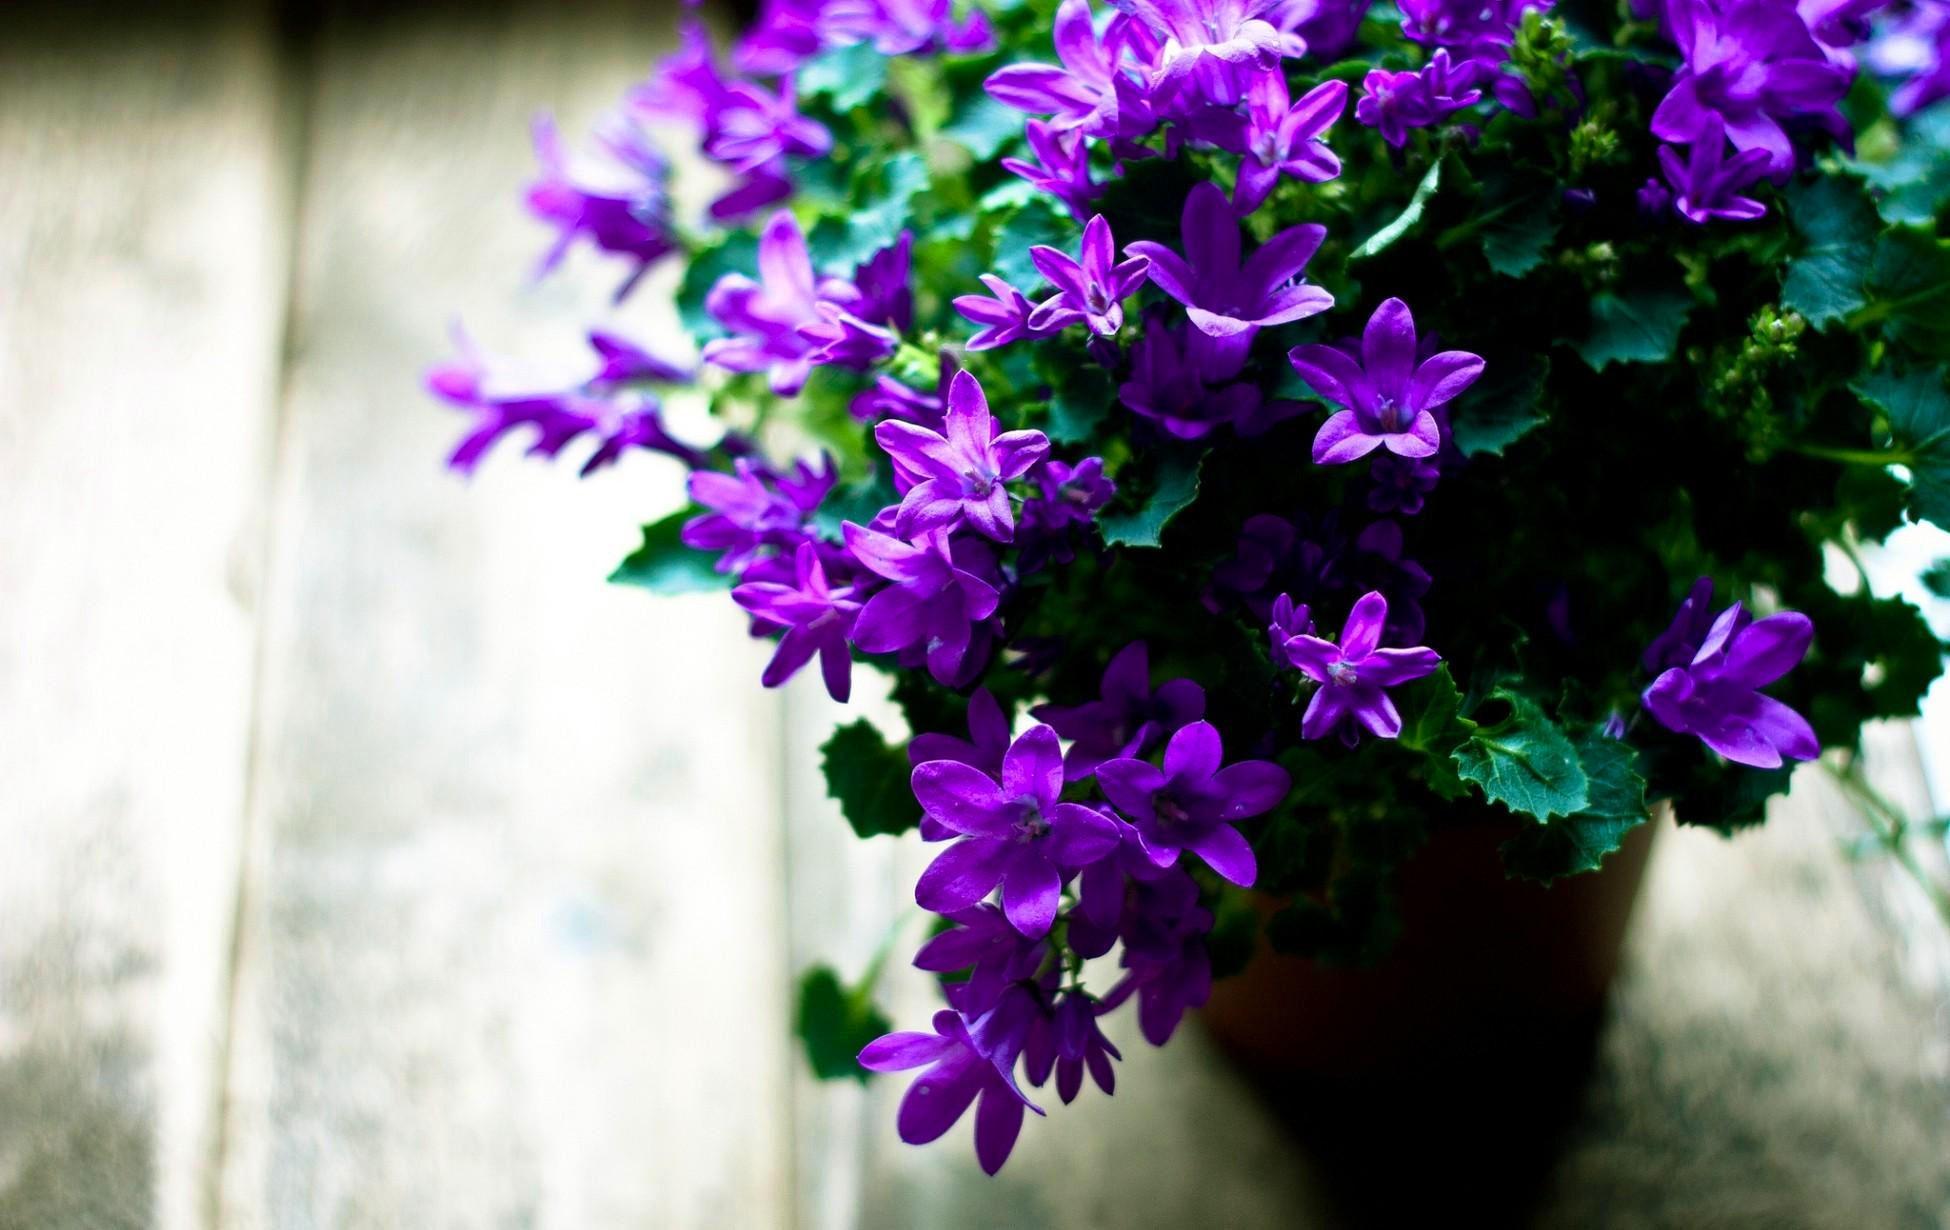 Magnifique fond décran Fleurs Magnifiques